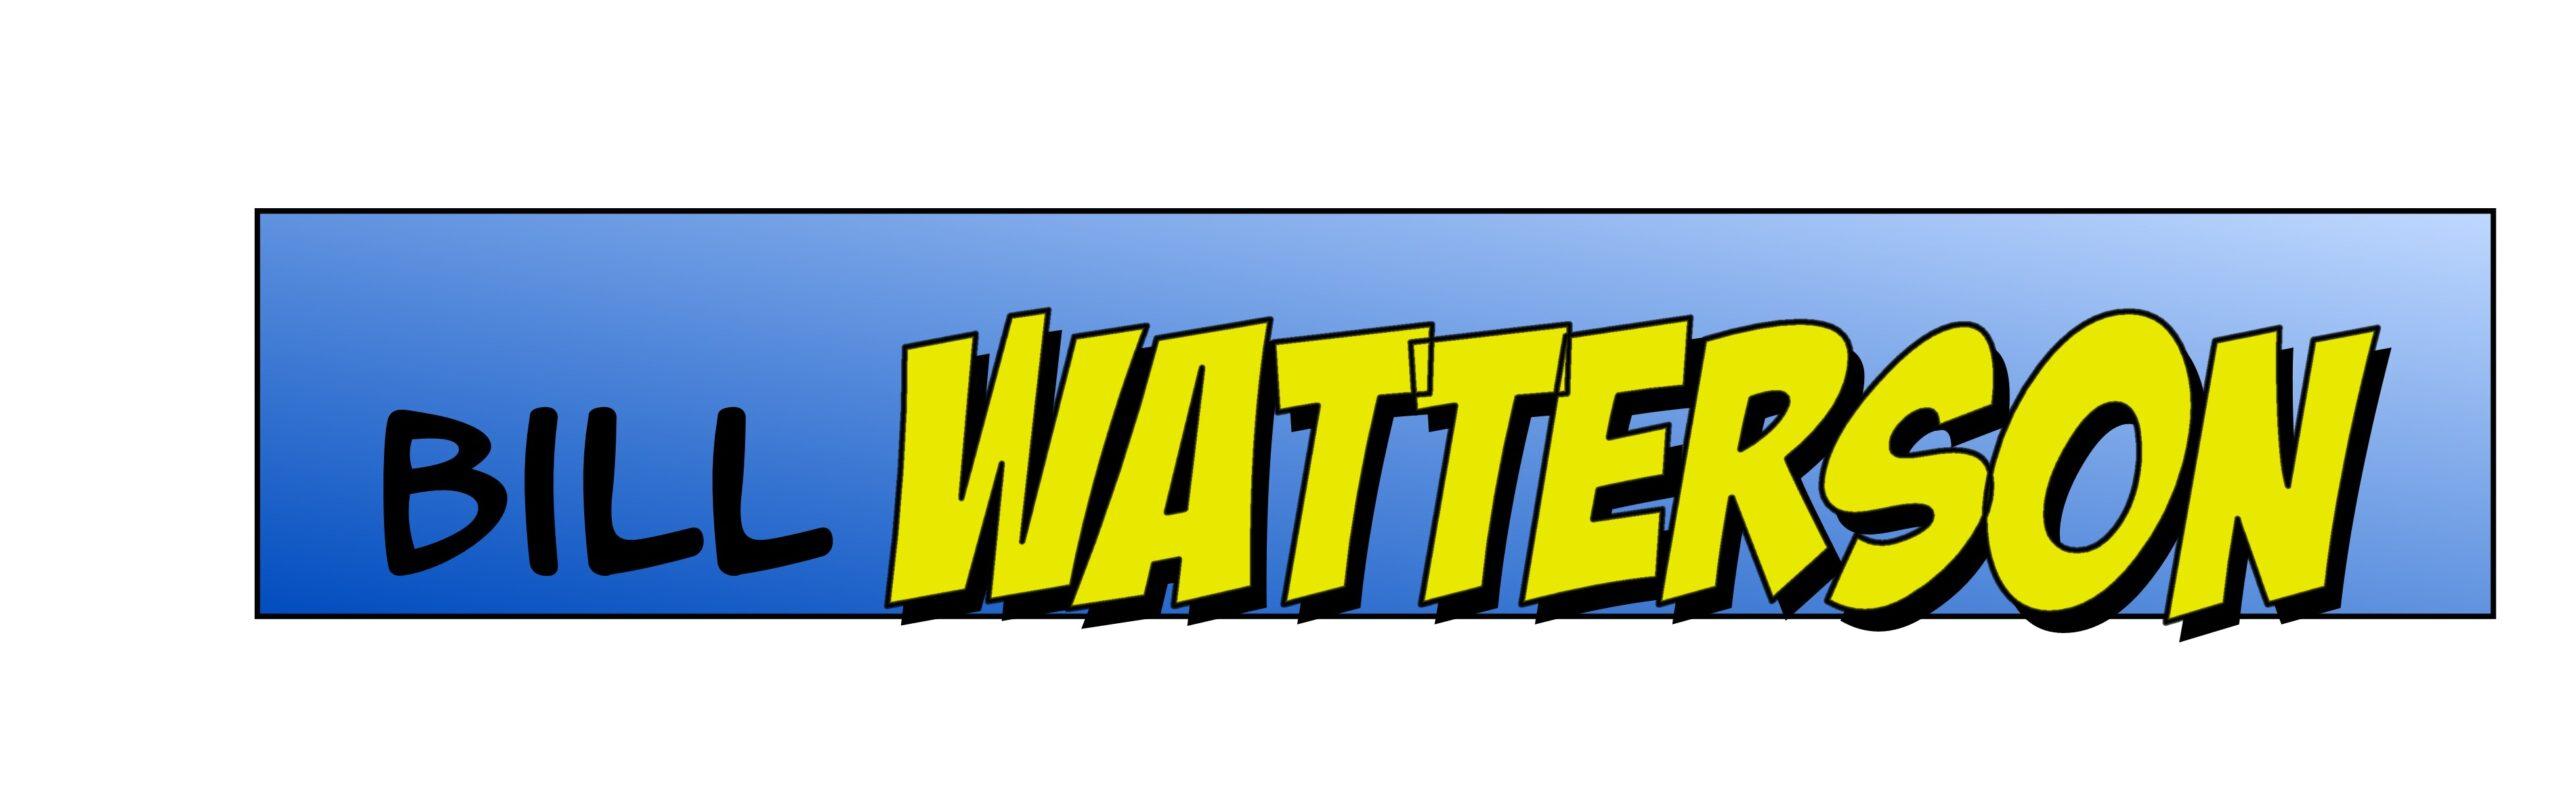 Legacy: Bill Watterson